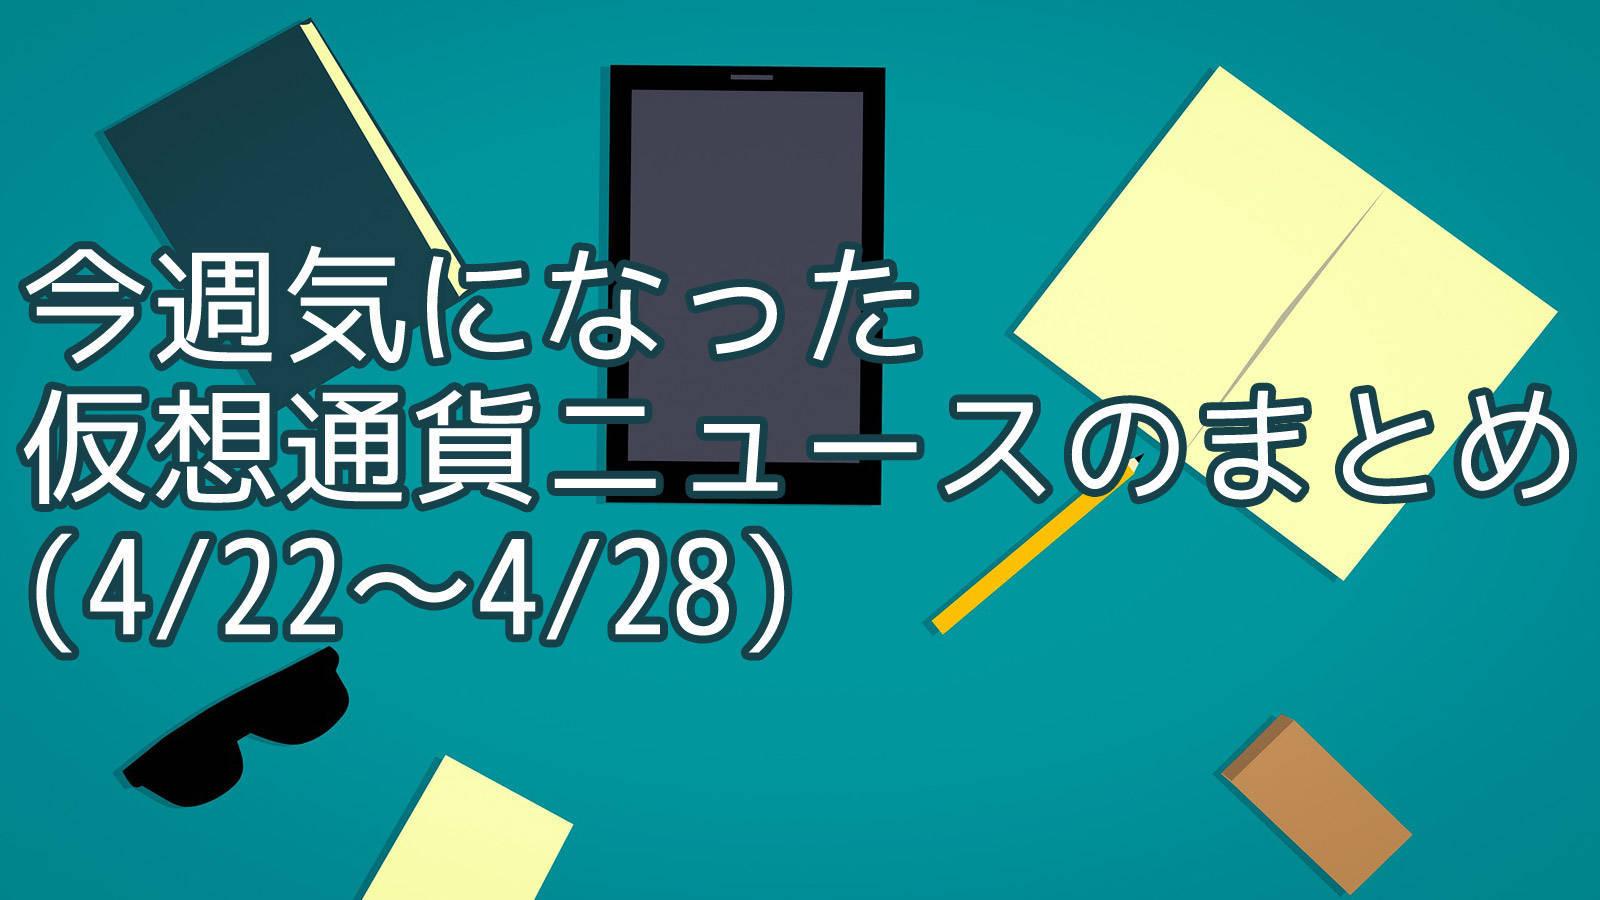 今週気になった仮想通貨ニュースのまとめ (4/22〜4/28)